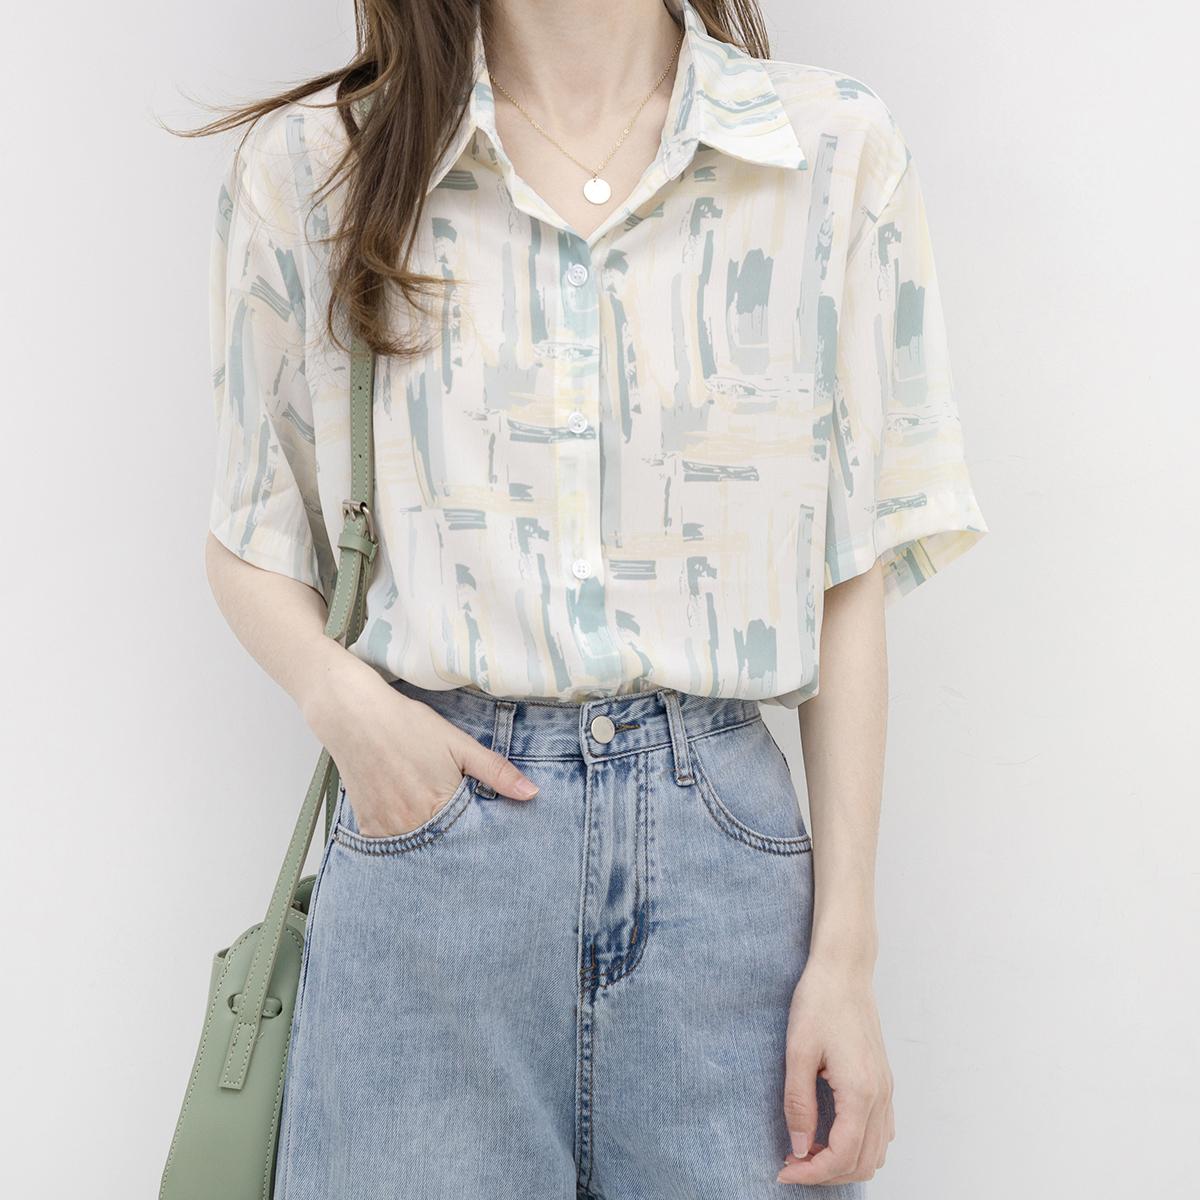 设计感小众短袖衬衫女夏复古港味宽松百搭衬衣